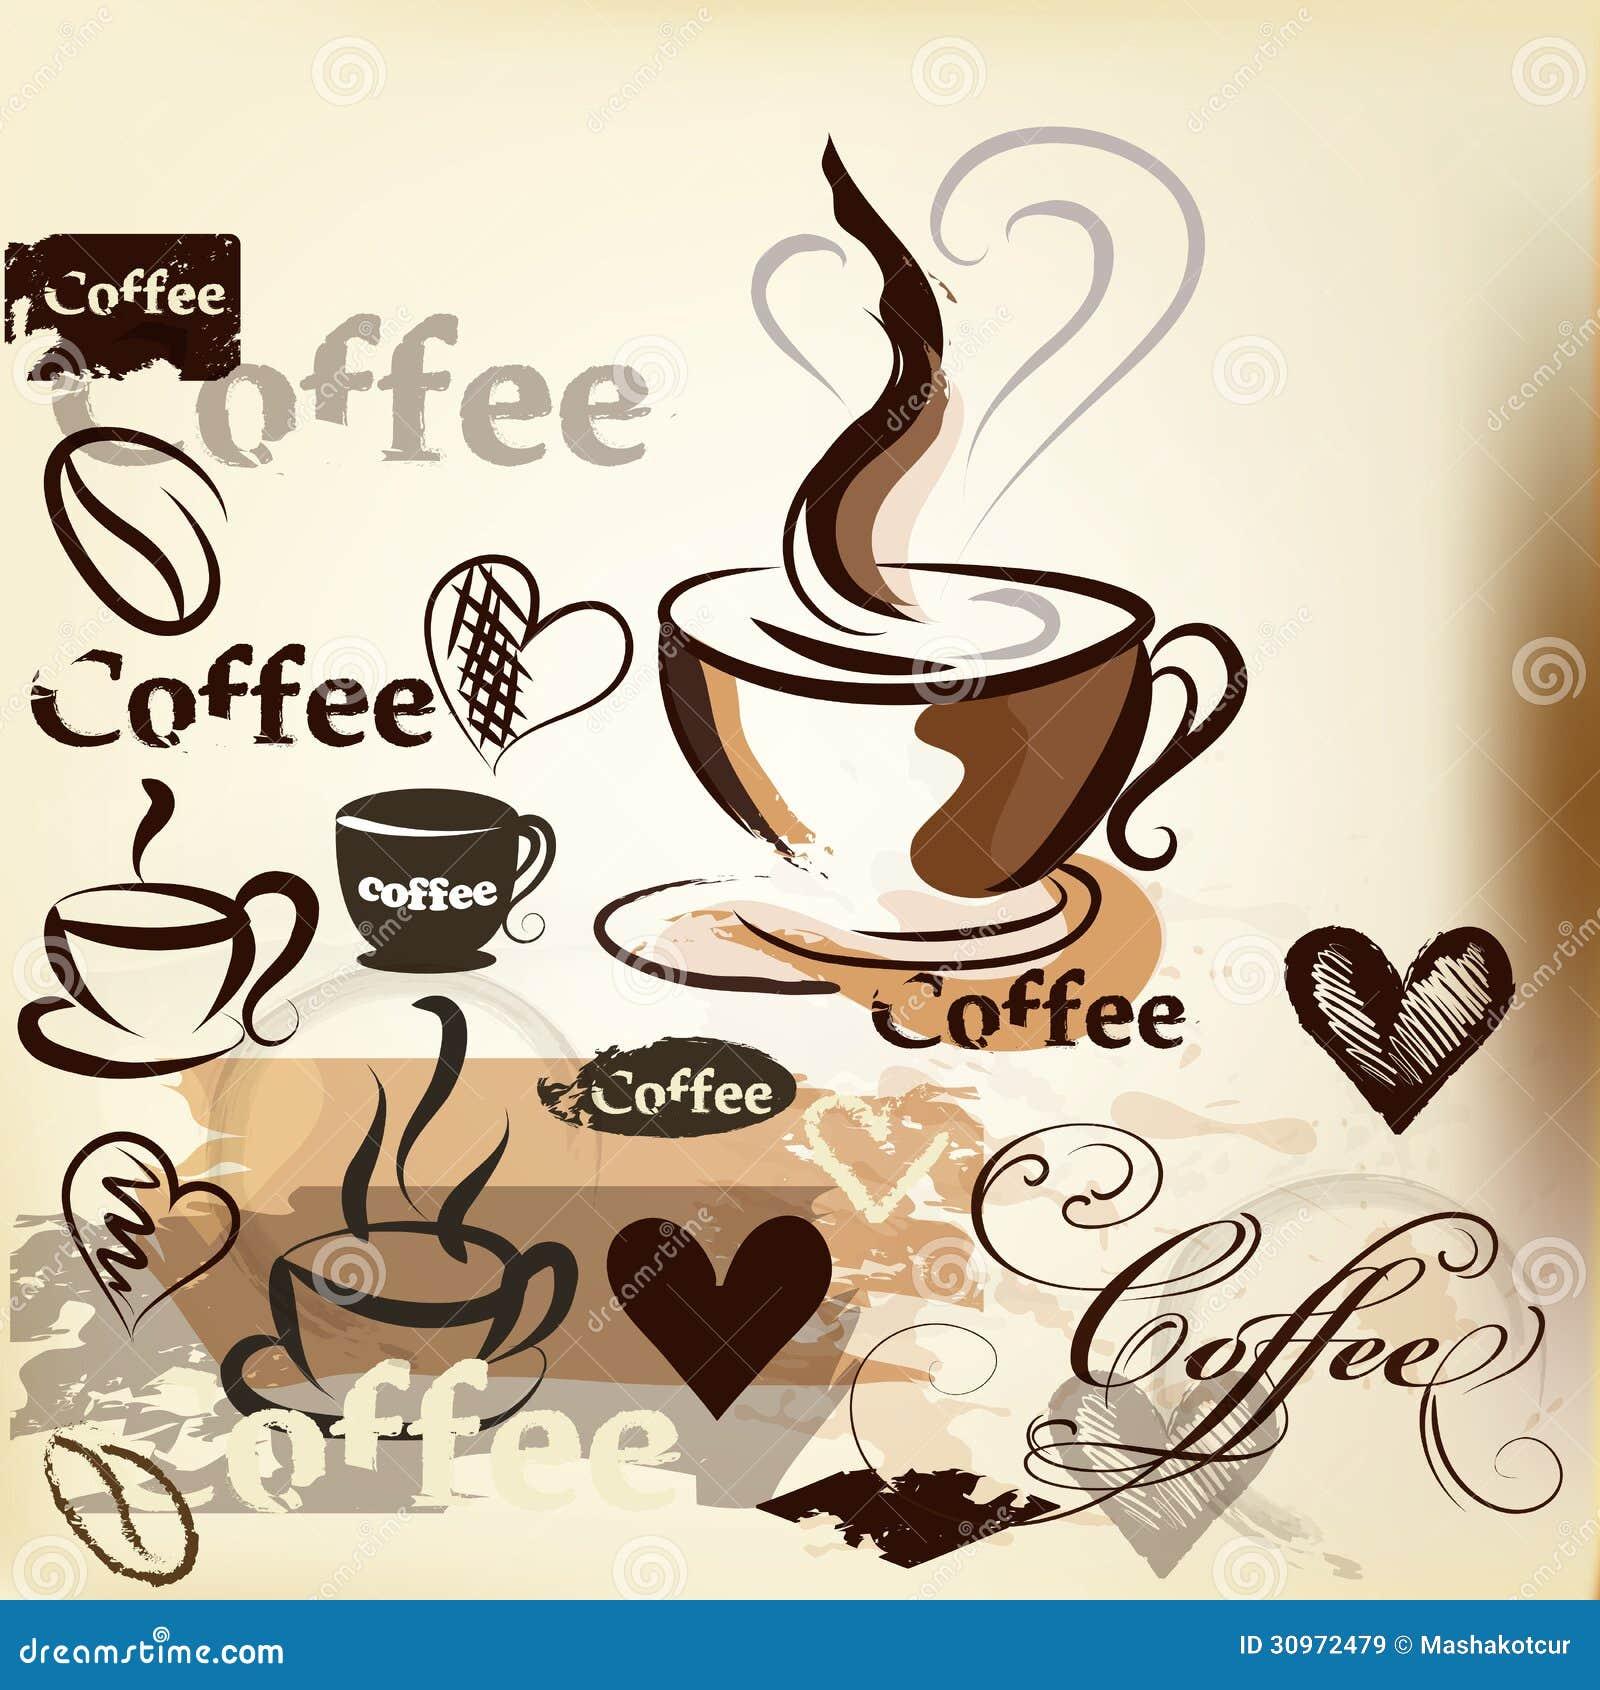 Dise o del vector del vintage del grunge del caf con las tazas de caf granos ilustraci n del - Tazas de cafe de diseno ...